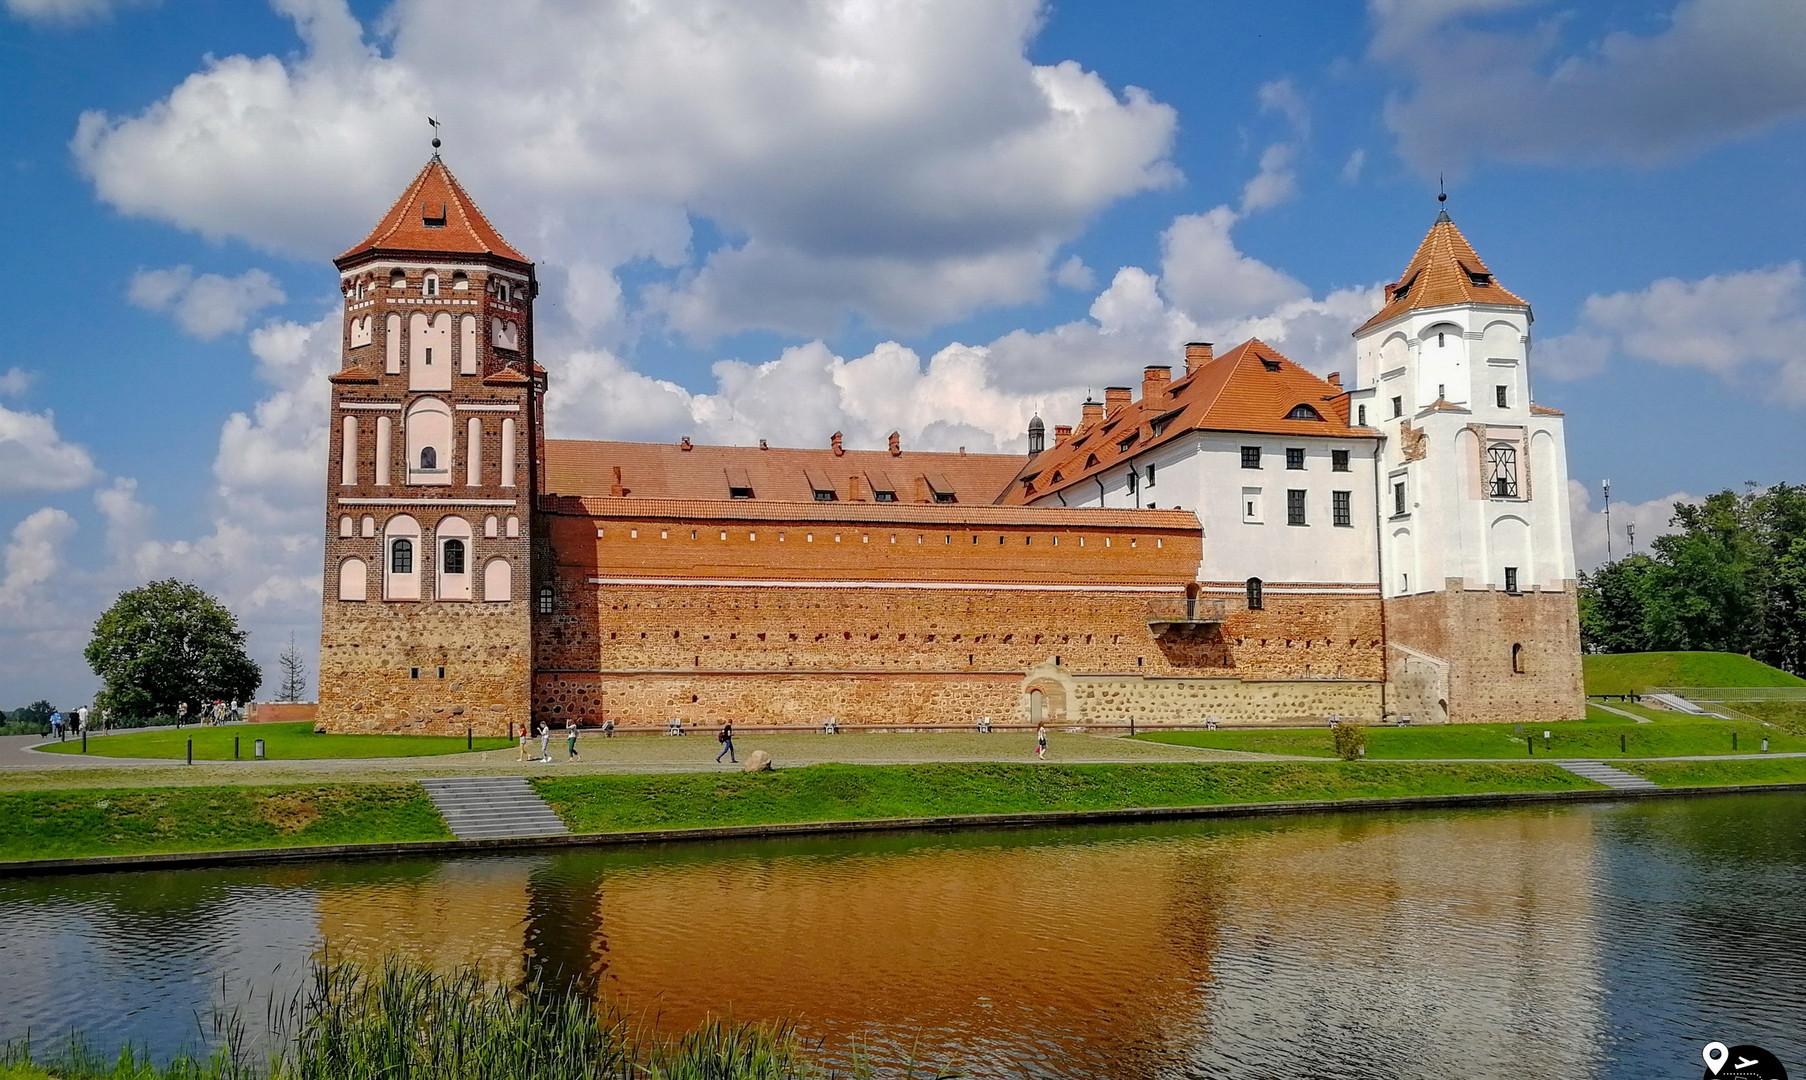 Мирский замок, Мир